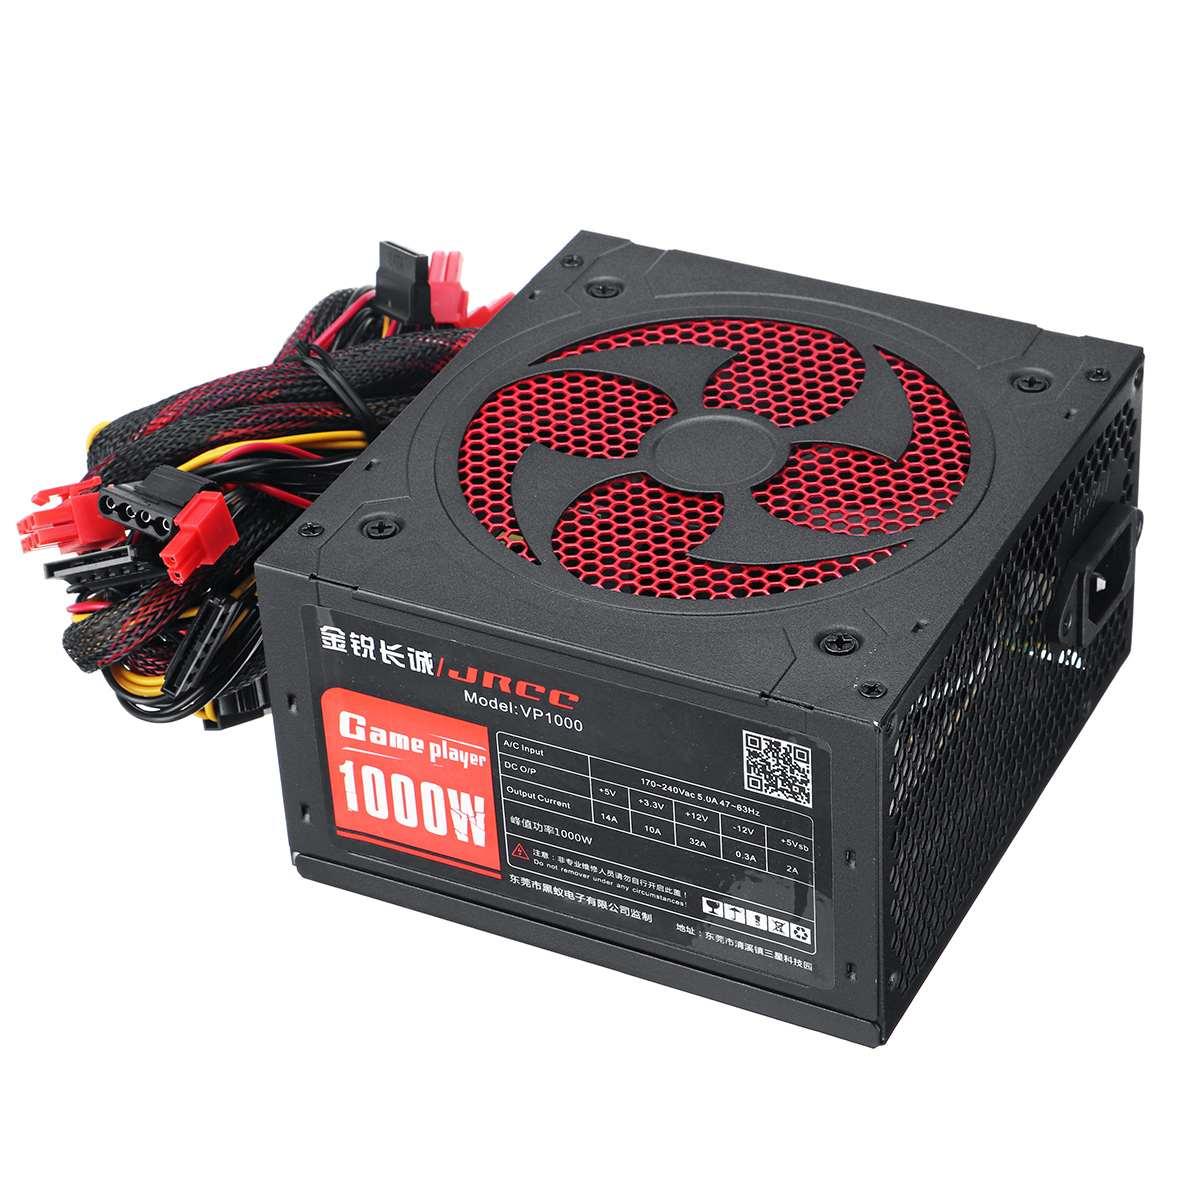 جديد 1000 واط امدادات الطاقة PFC مروحة كاتمة للصوت ATX 20pin 12 فولت جهاز كمبيوتر شخصي SATA الألعاب الكمبيوتر امدادات الطاقة للكمبيوتر إنتل AMD